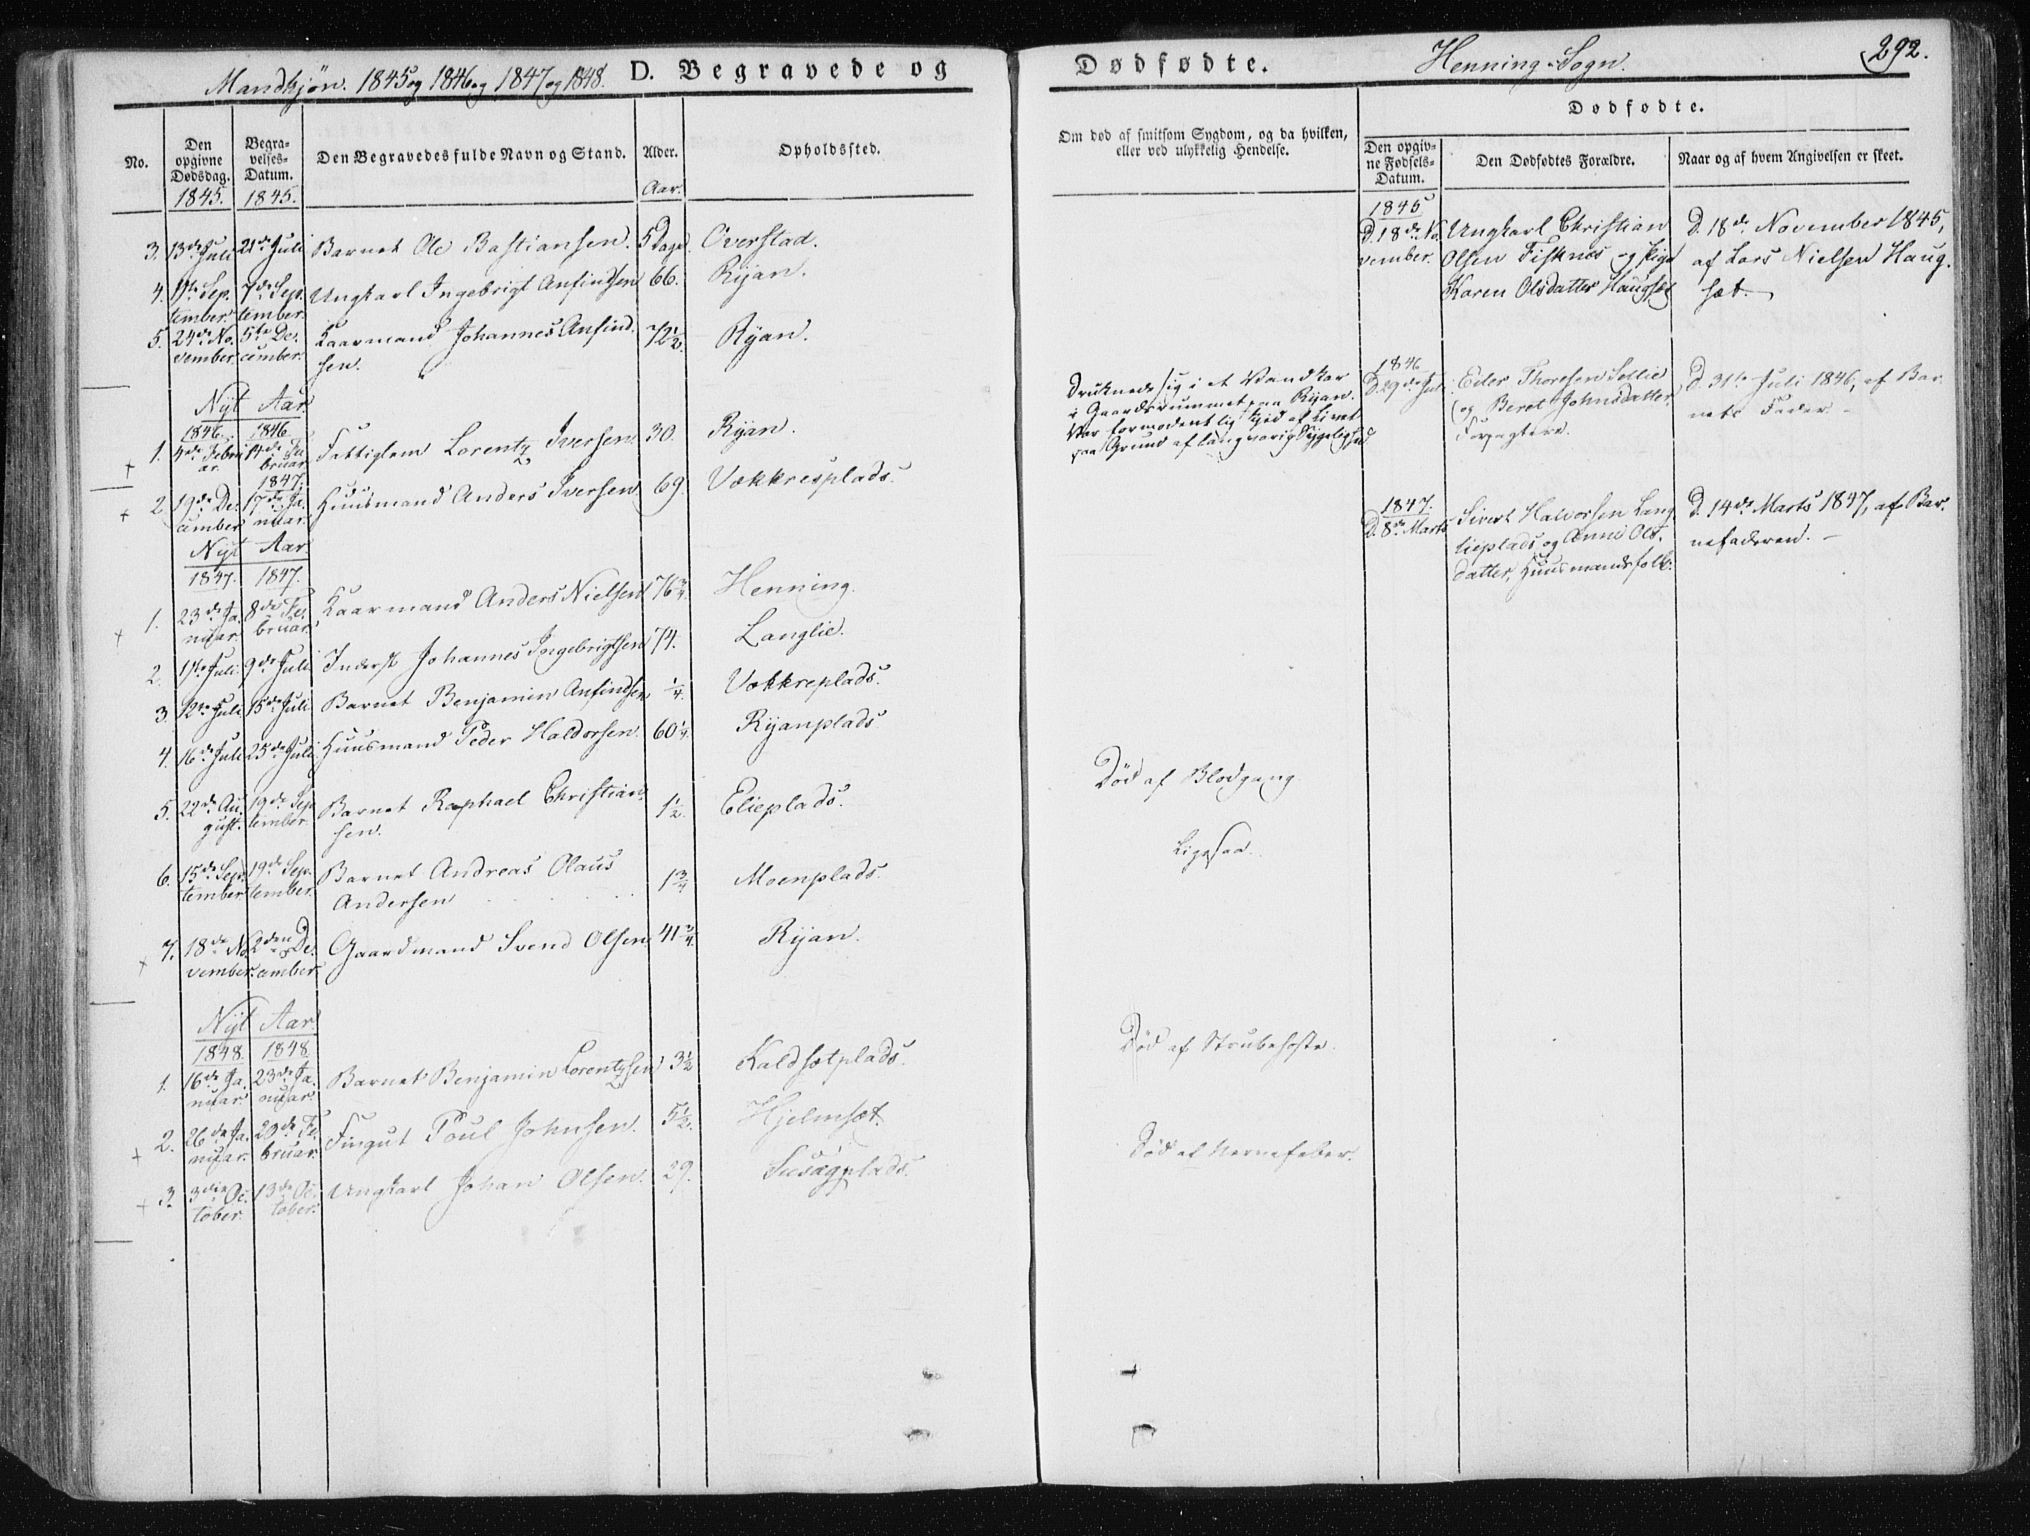 SAT, Ministerialprotokoller, klokkerbøker og fødselsregistre - Nord-Trøndelag, 735/L0339: Ministerialbok nr. 735A06 /3, 1836-1848, s. 292